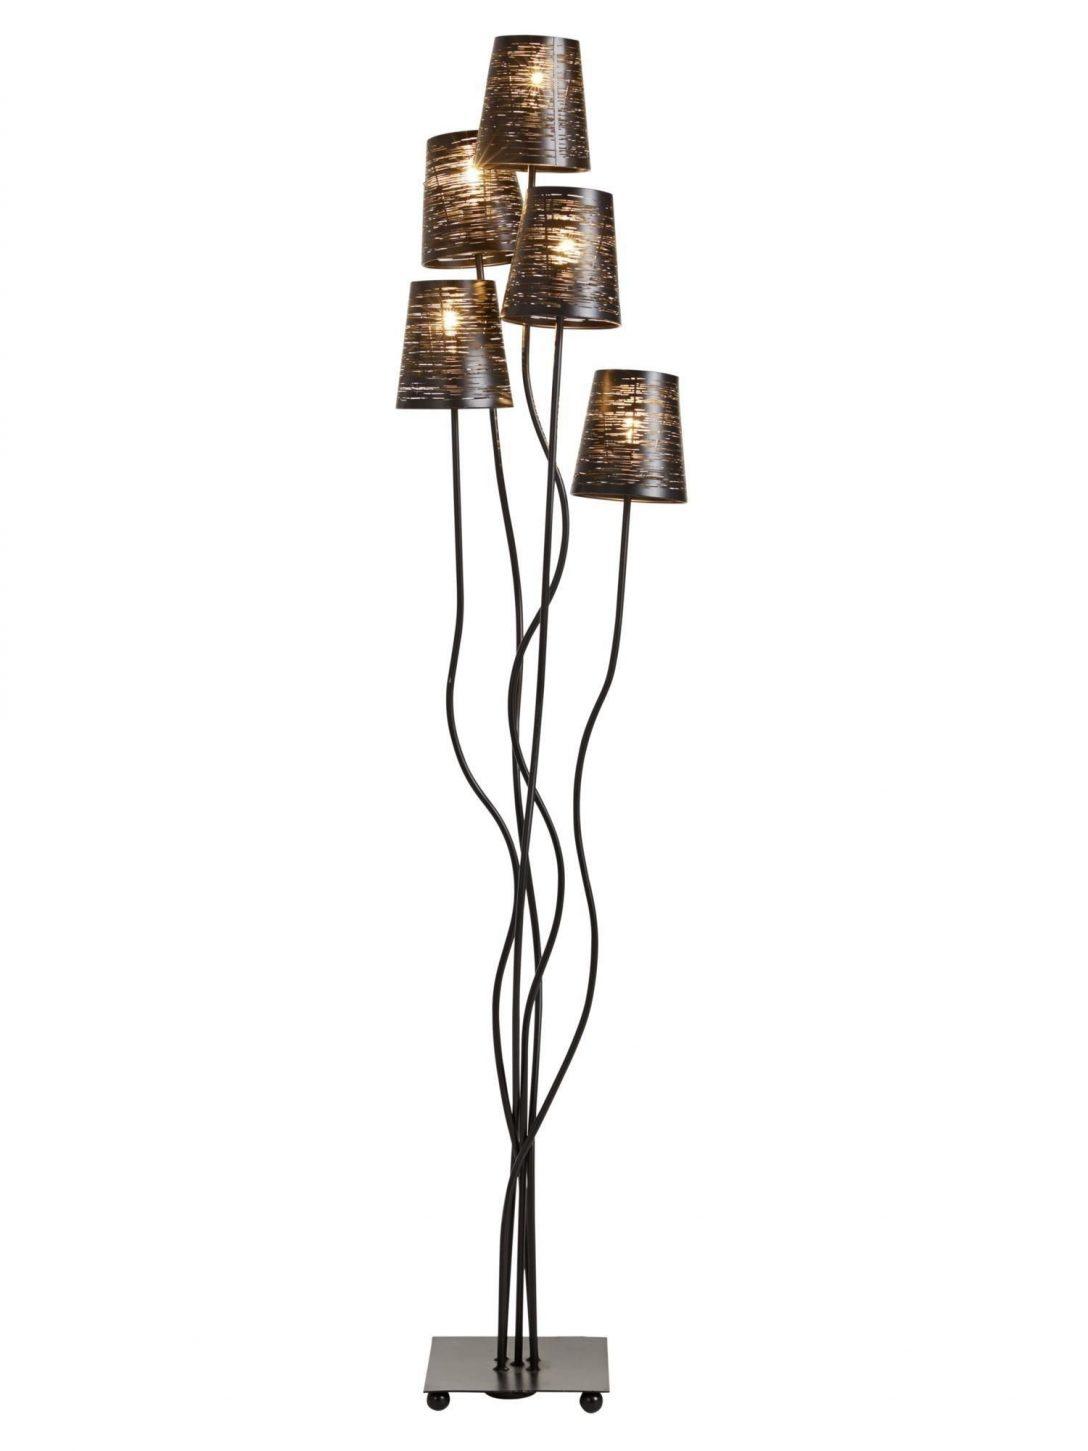 Large Size of Stehlampe Dimmbar Kinderzimmer Stehleuchte Mit Dimmer Holz Wohnzimmer Schlafzimmer Stehlampen Wohnzimmer Stehlampe Dimmbar